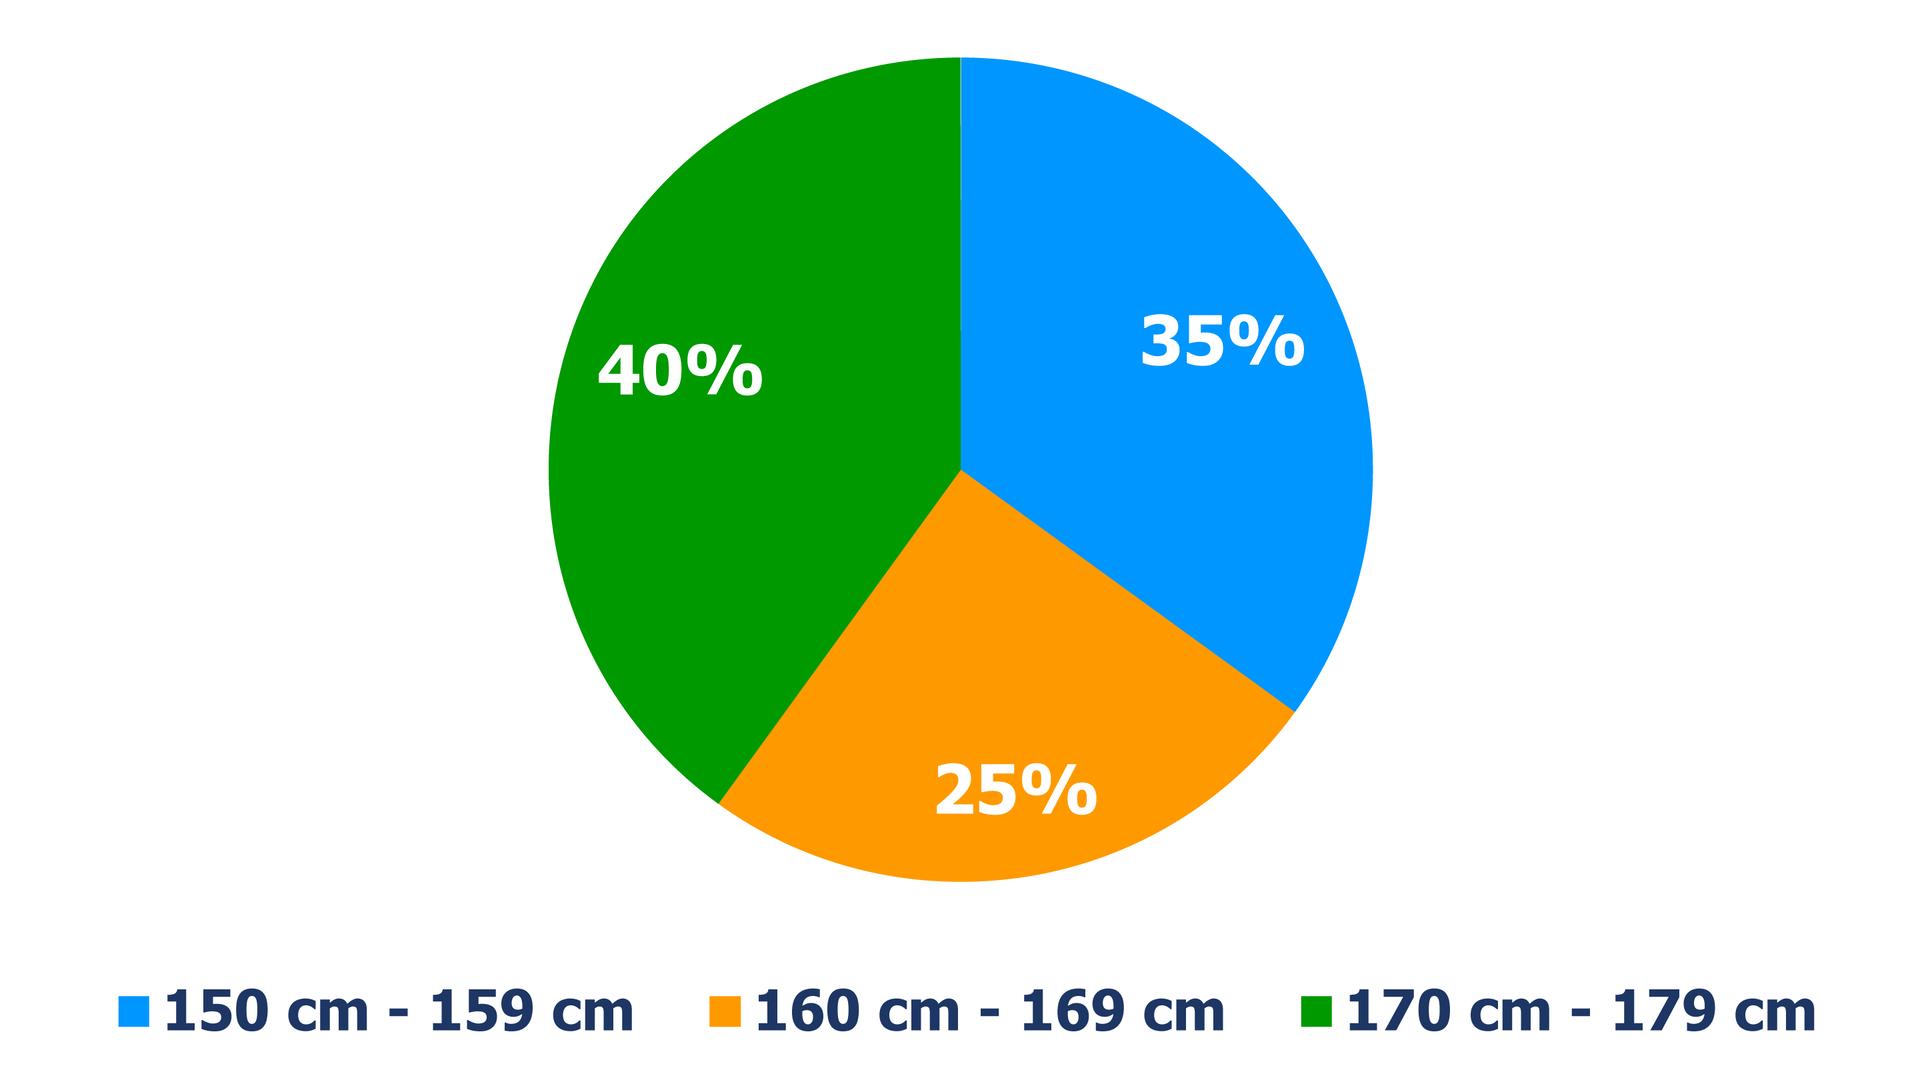 Diagram kołowy, zktórego odczytujemy procentowy udział osób wdanej kategorii wzrostu. Wzrost 150 cm – 159 cm ma 35% osób. Wzrost 160 cm – 169 cm ma 25% osób. Wzrost 170 cm – 179 cm ma 40% osób.